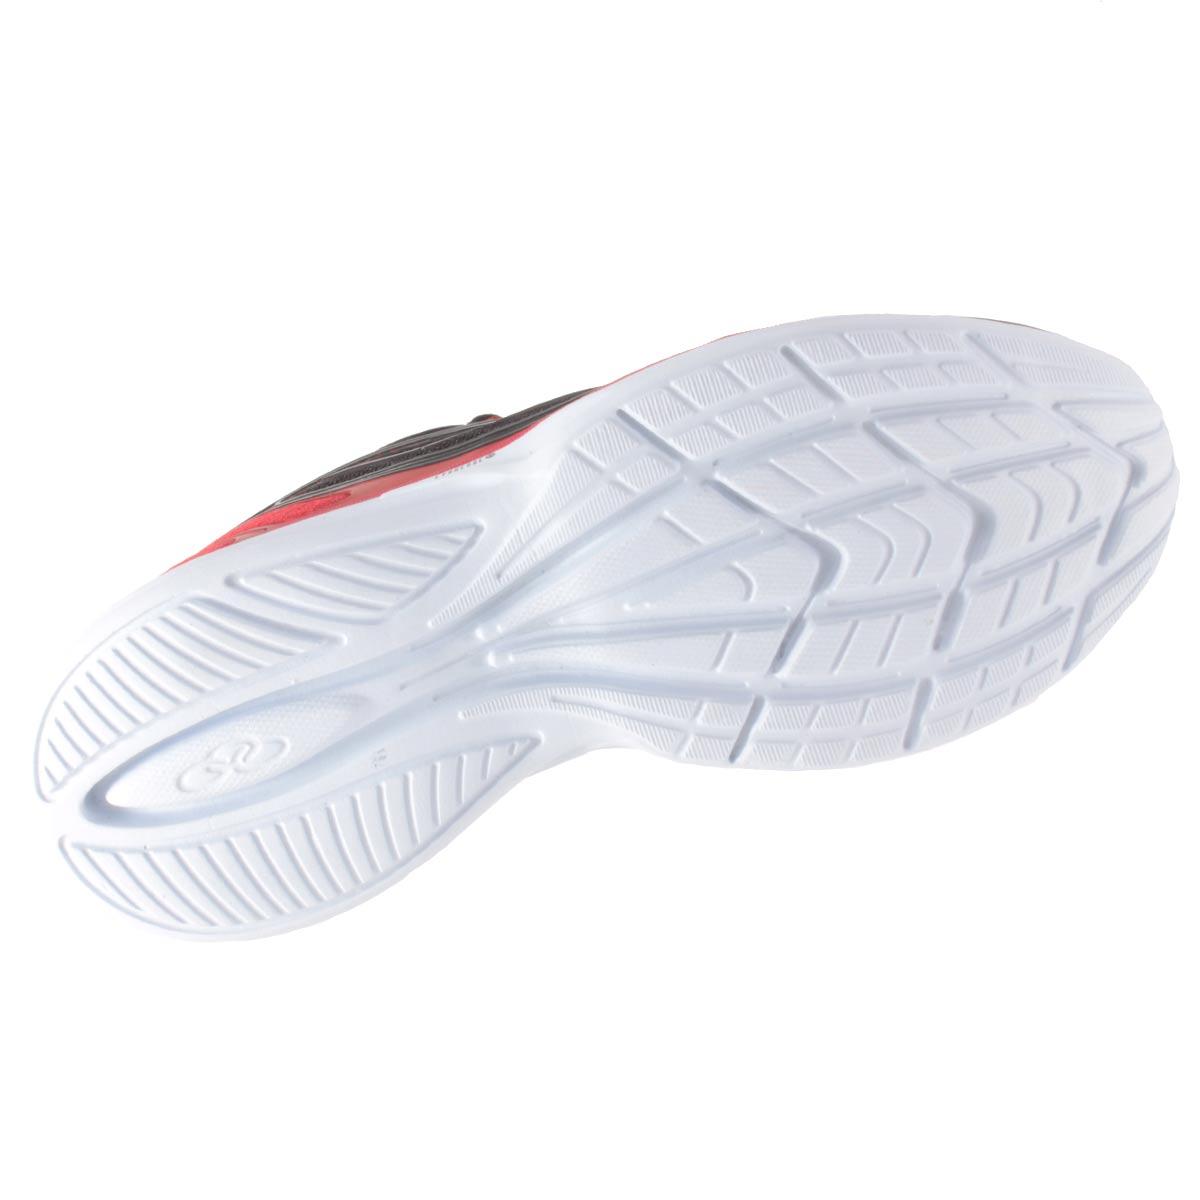 Tênis Olympikus Starter Masculino Caminhada Corrida Leve 341  - Ian Calçados